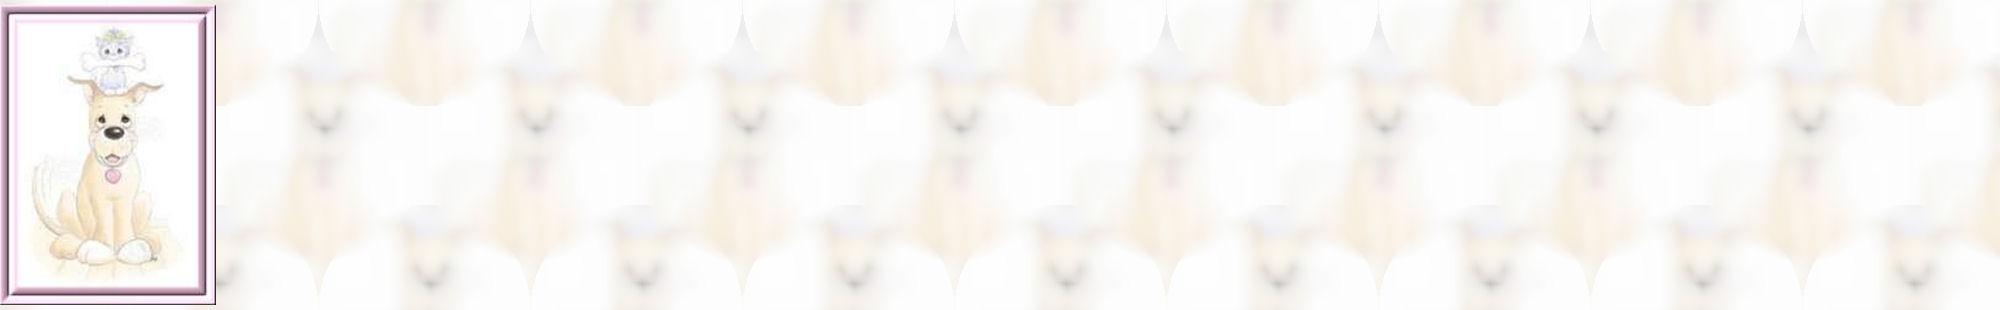 Fondo IM perros_011.imf